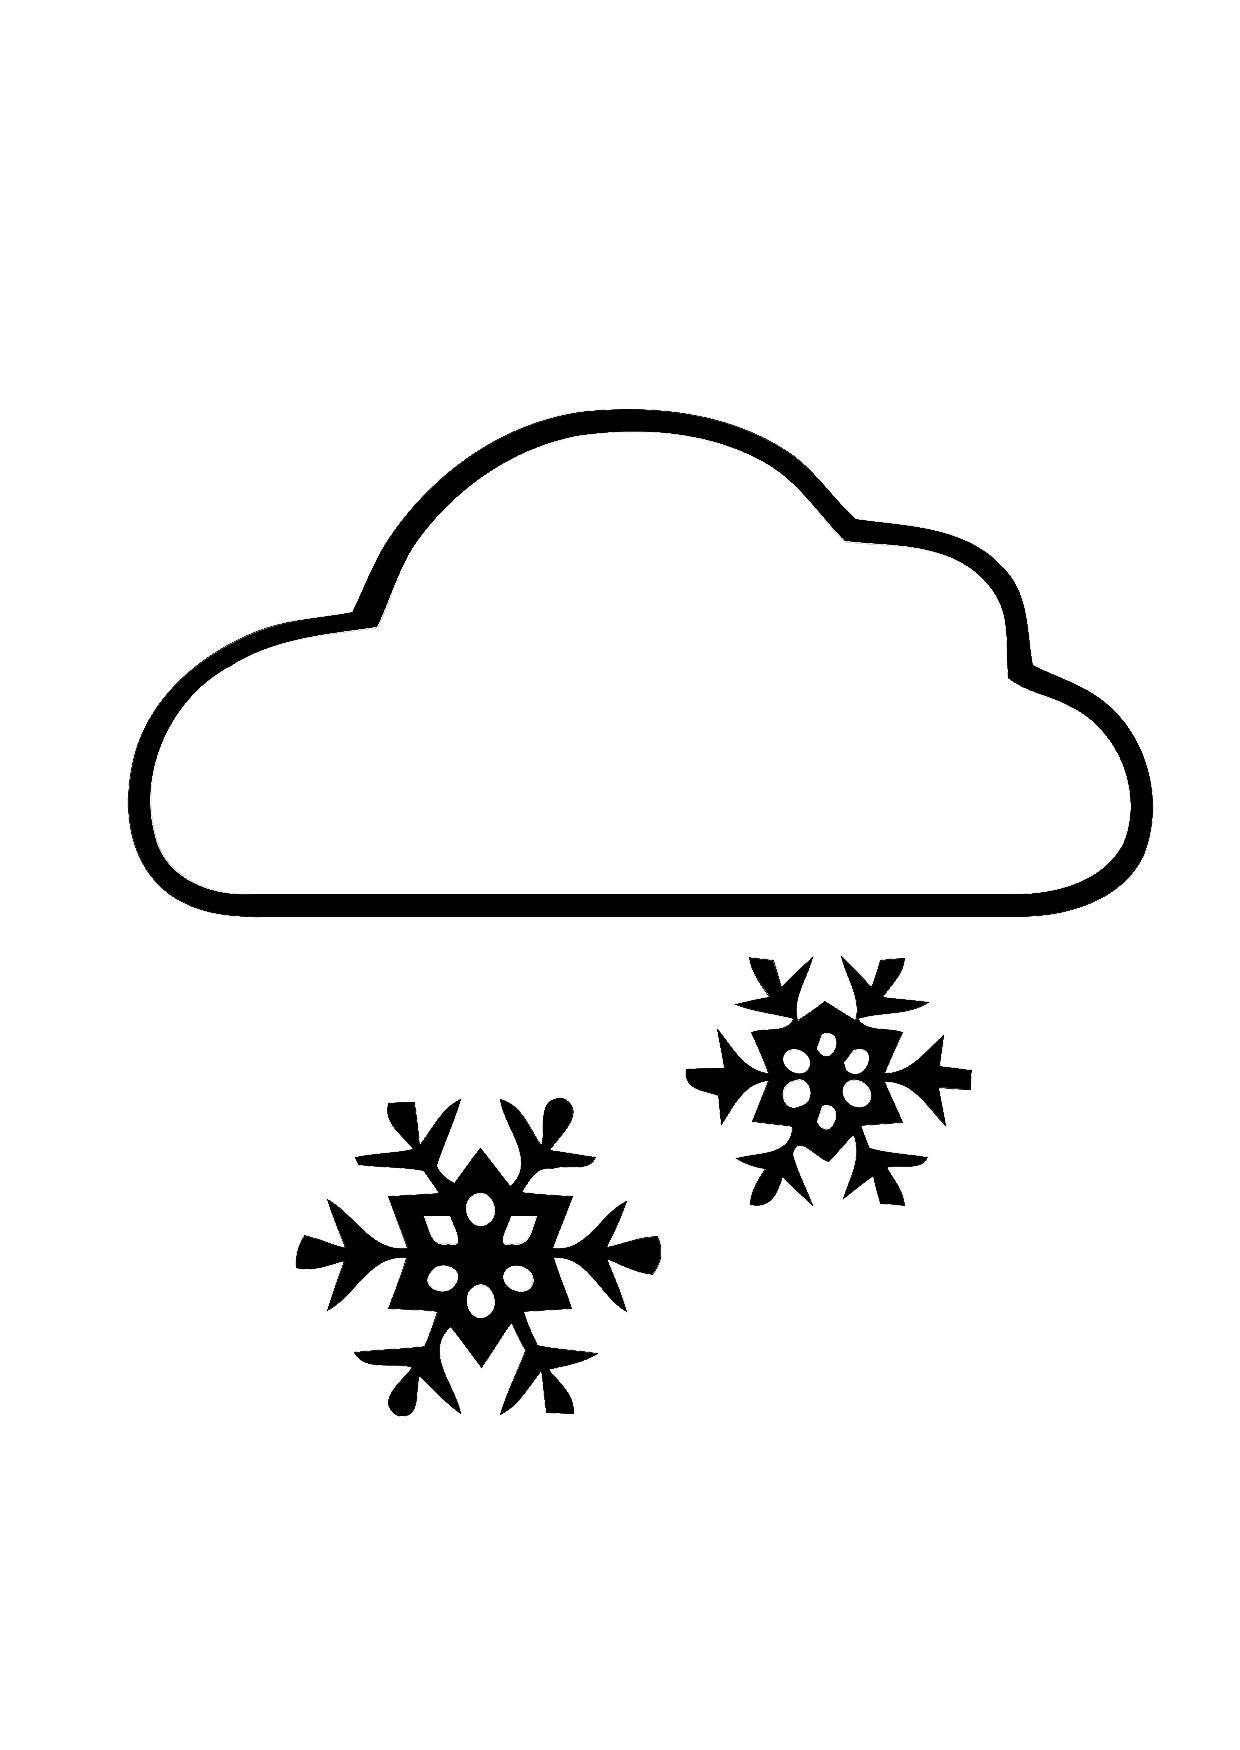 Malvorlage 01a schnee ausmalbild 11396 - Immagini da colorare la neve ...